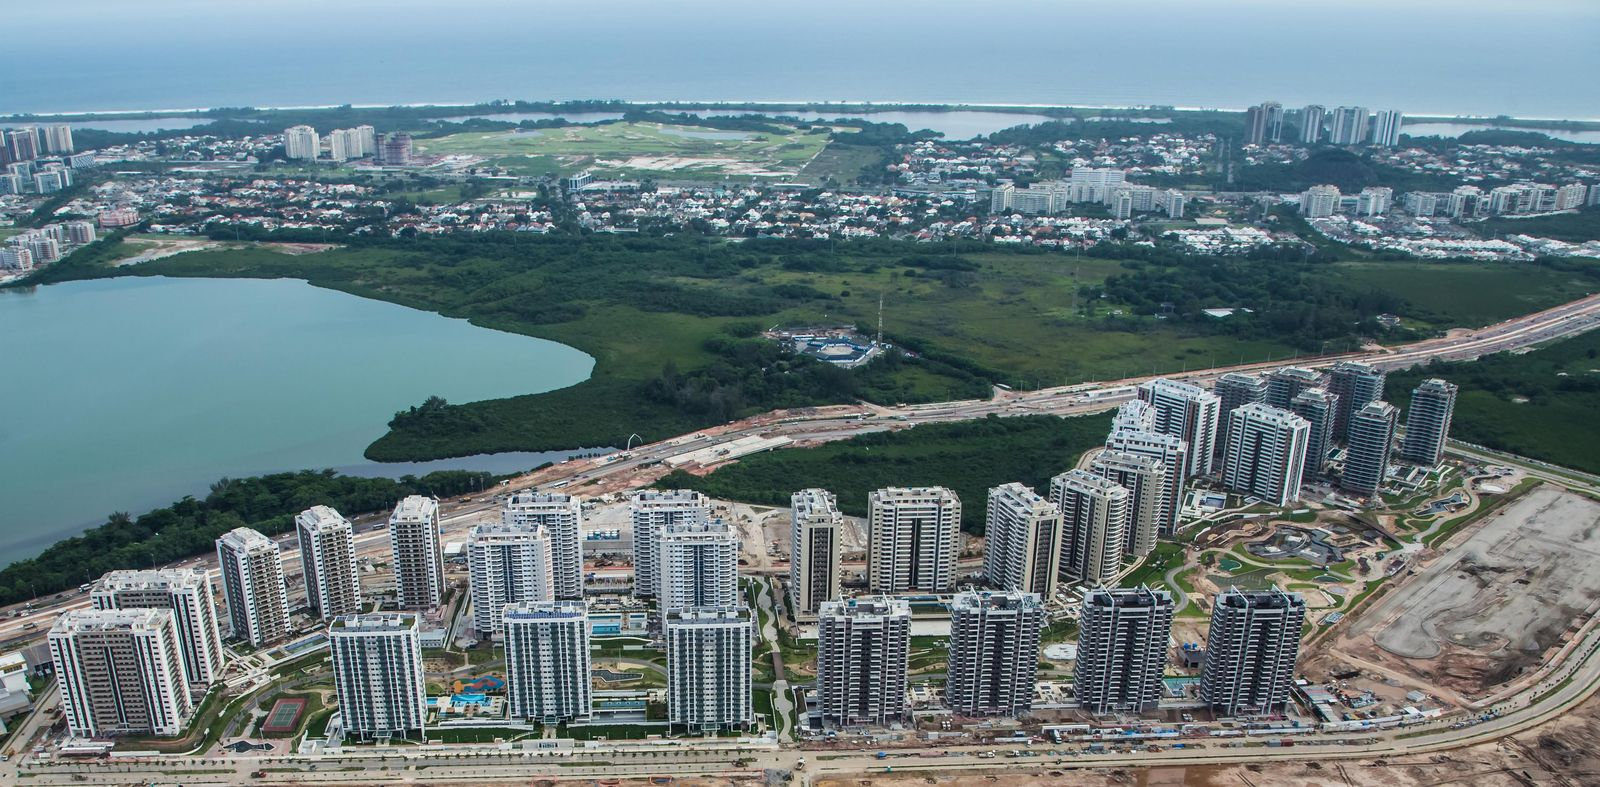 Rio de Janeiro 2016 - Olympische Dorf